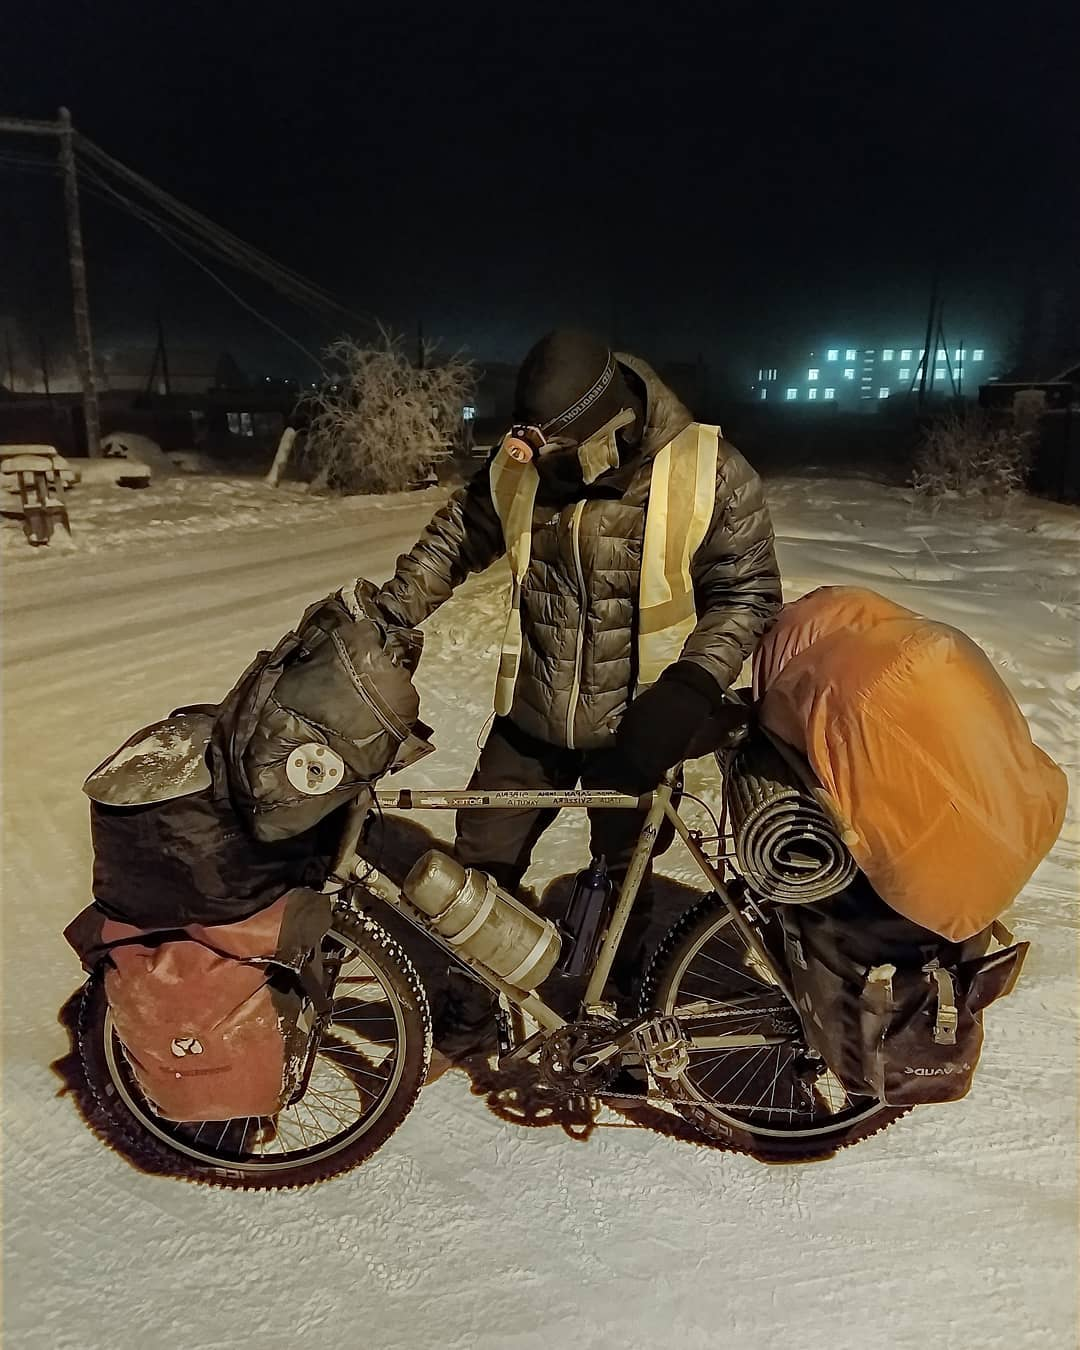 Итальянский велосипедист отказался от поездки на Север, преодолев путь от Покровска до Якутска